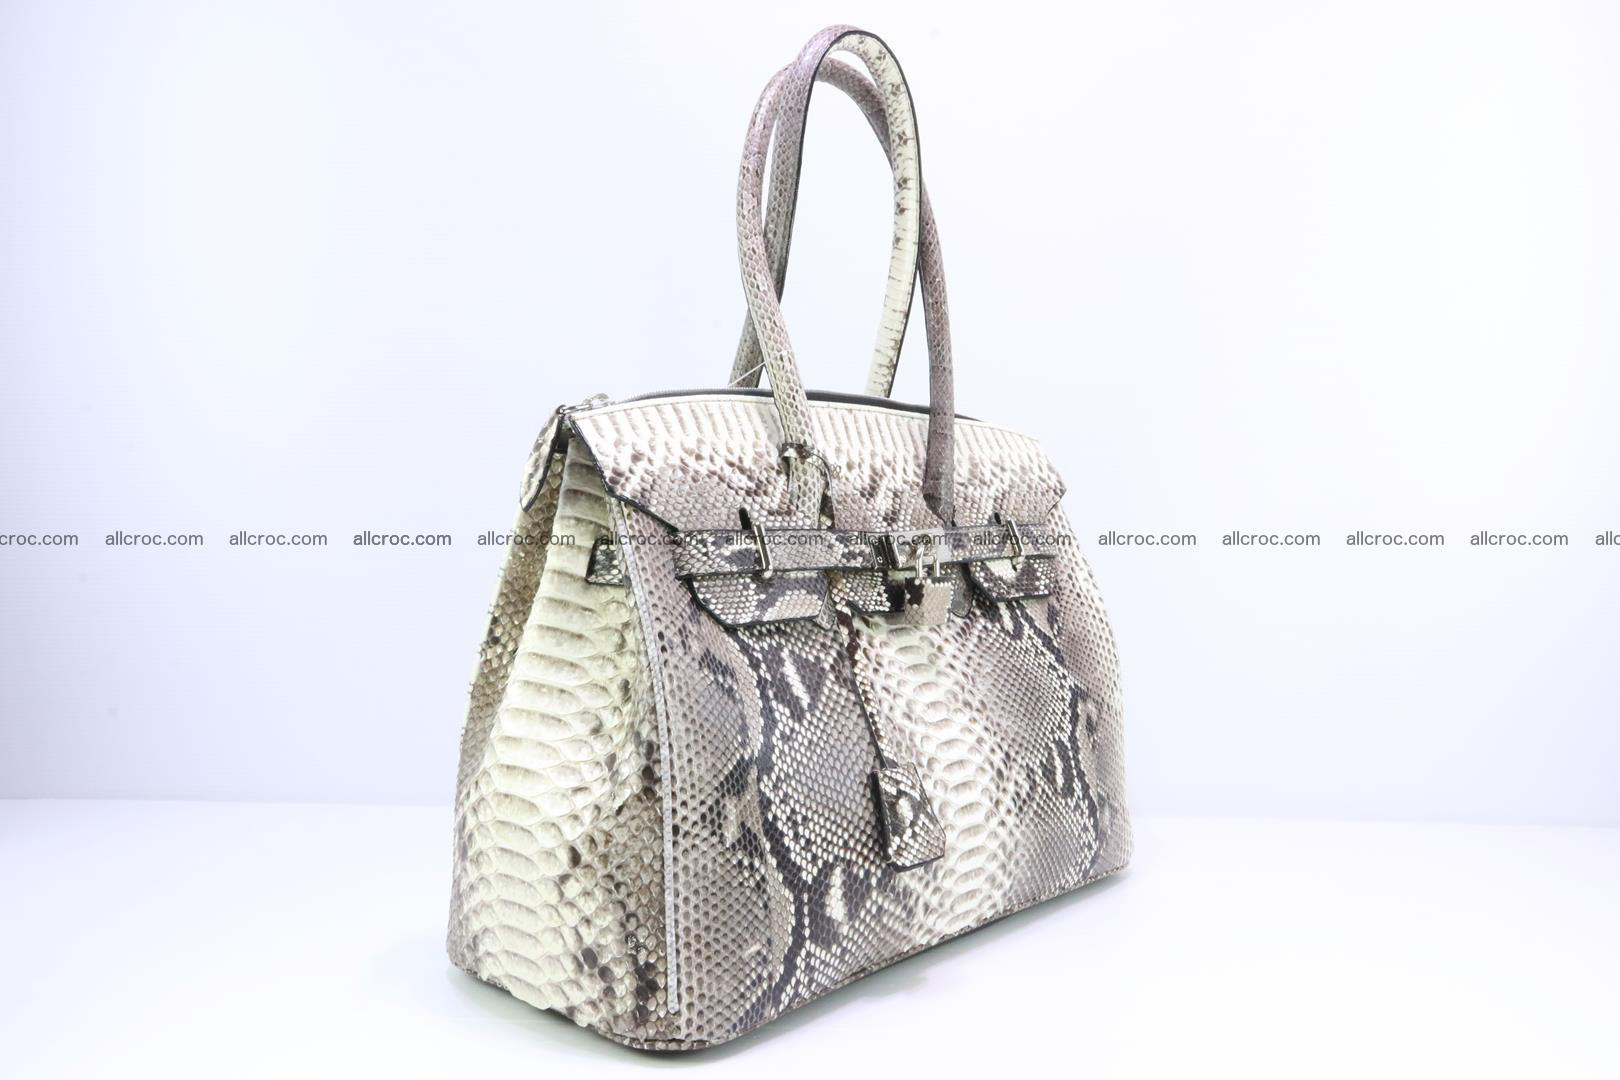 Python skin women's handbag replica of Birkin 199 Foto 1